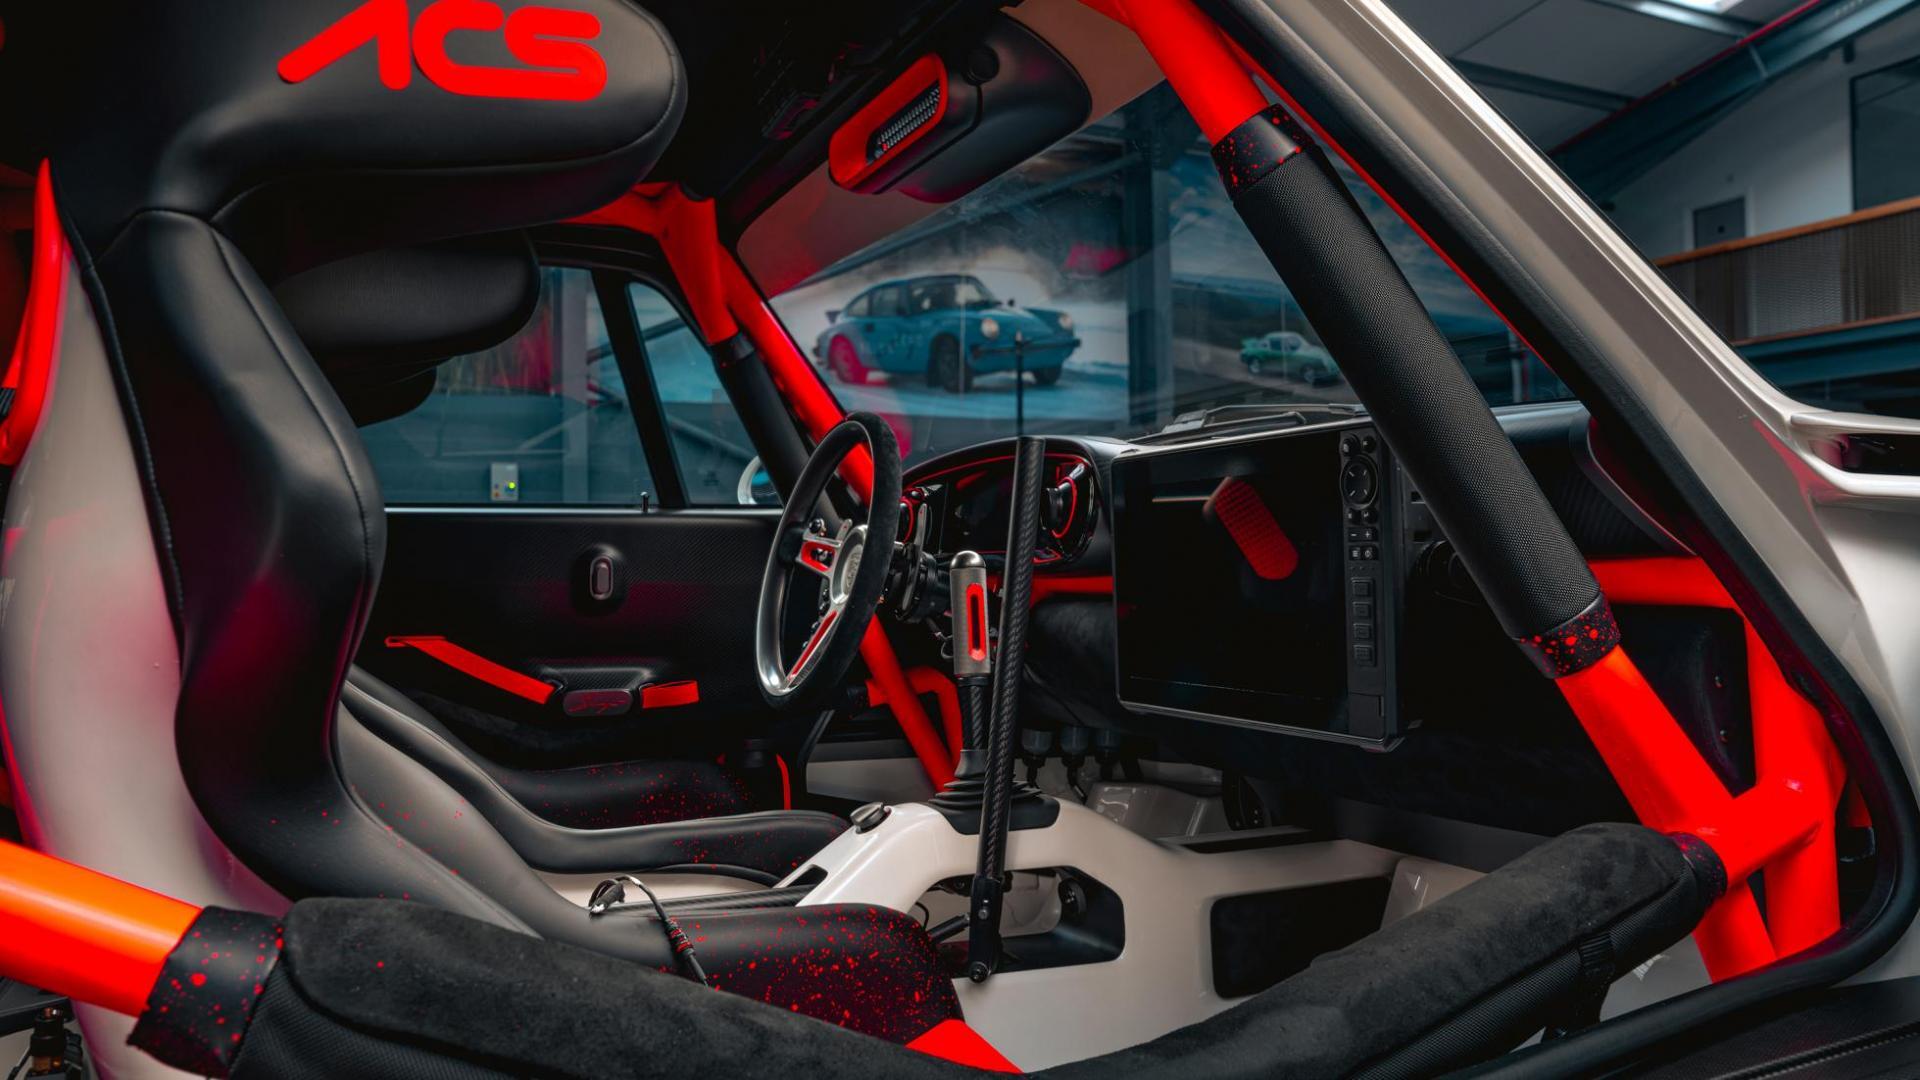 Interieur Singer Safari 911 (Porsche 911 964)